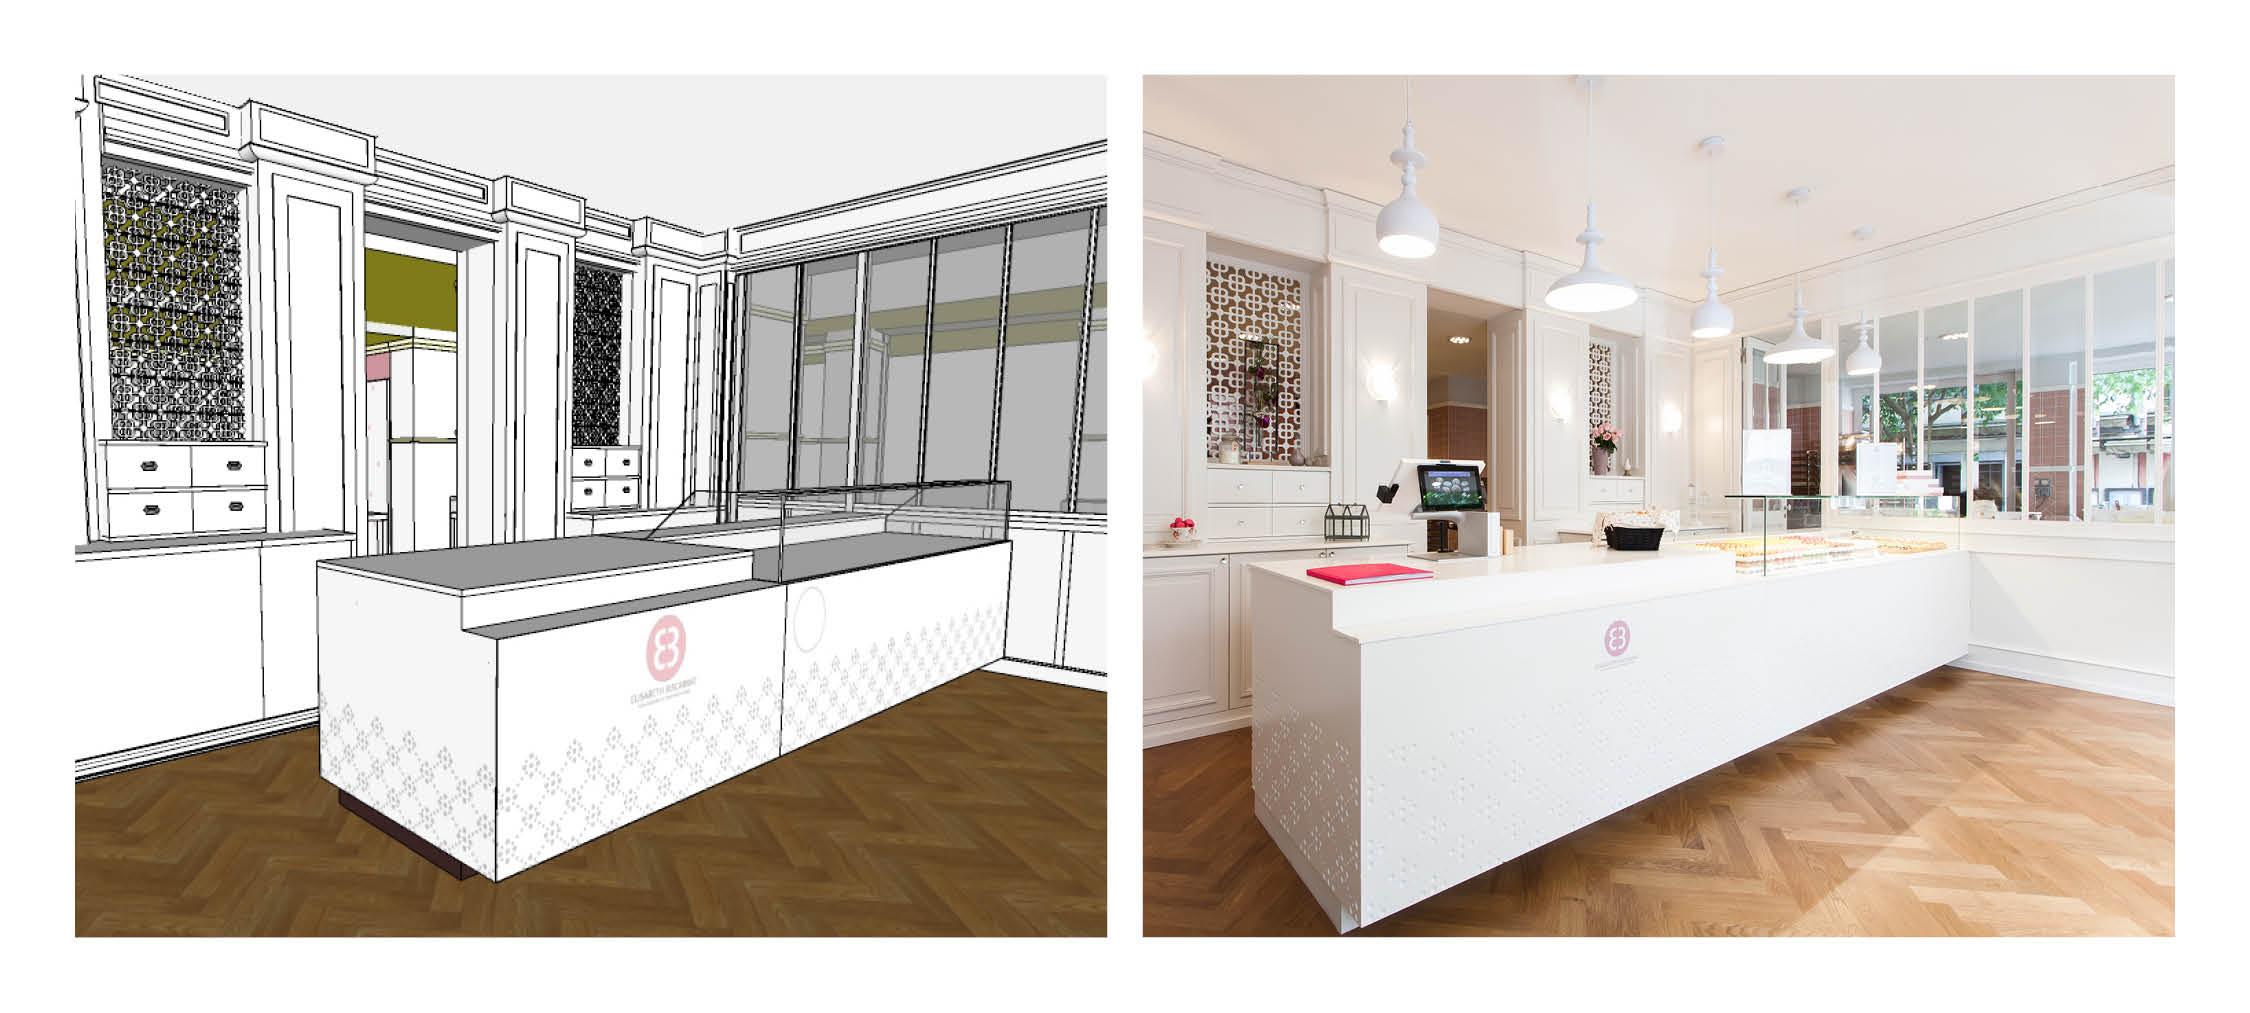 Bts-design-d-espace.fr : Opter pour le métier d'architecte d'intérieur